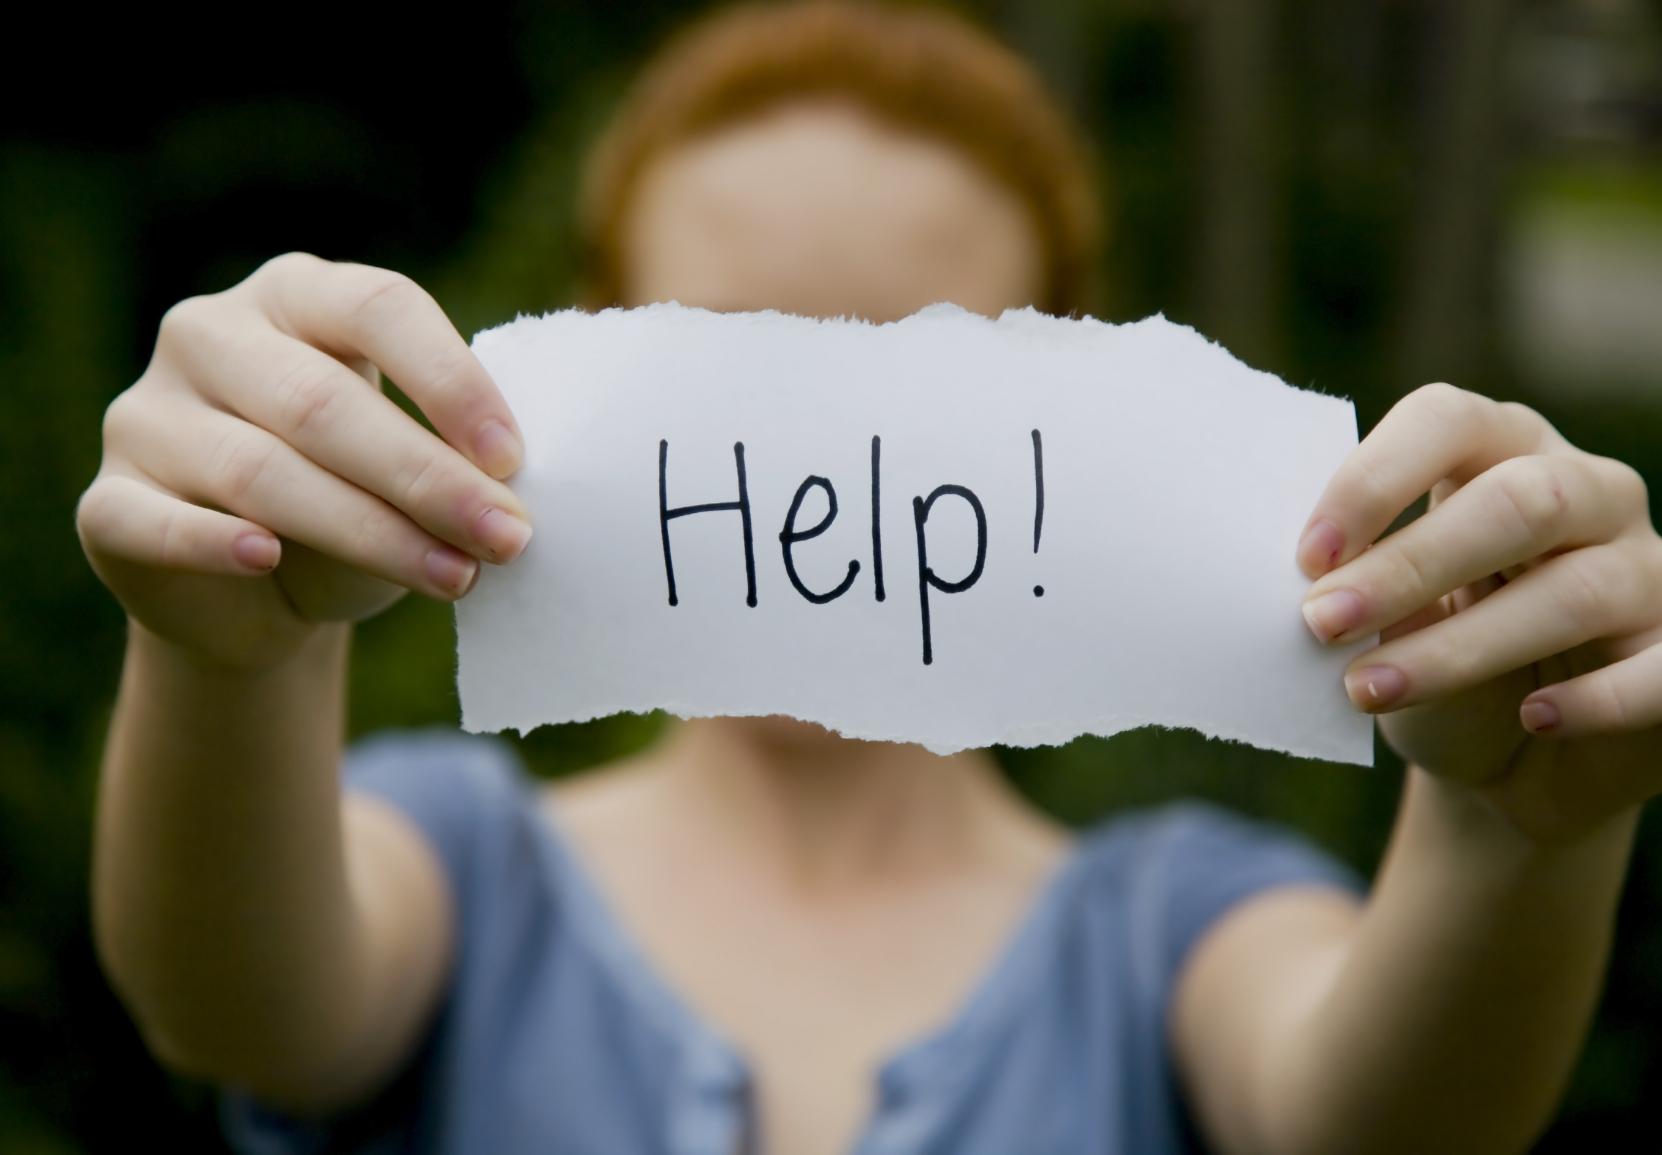 Ypač sunkiais depresijos atvejais, kai žmogus netenka bet kokios vilties, gali atsirasti ir žalojimosi ar net savižudybės idėjos. (Asociatyvi nuotr.)